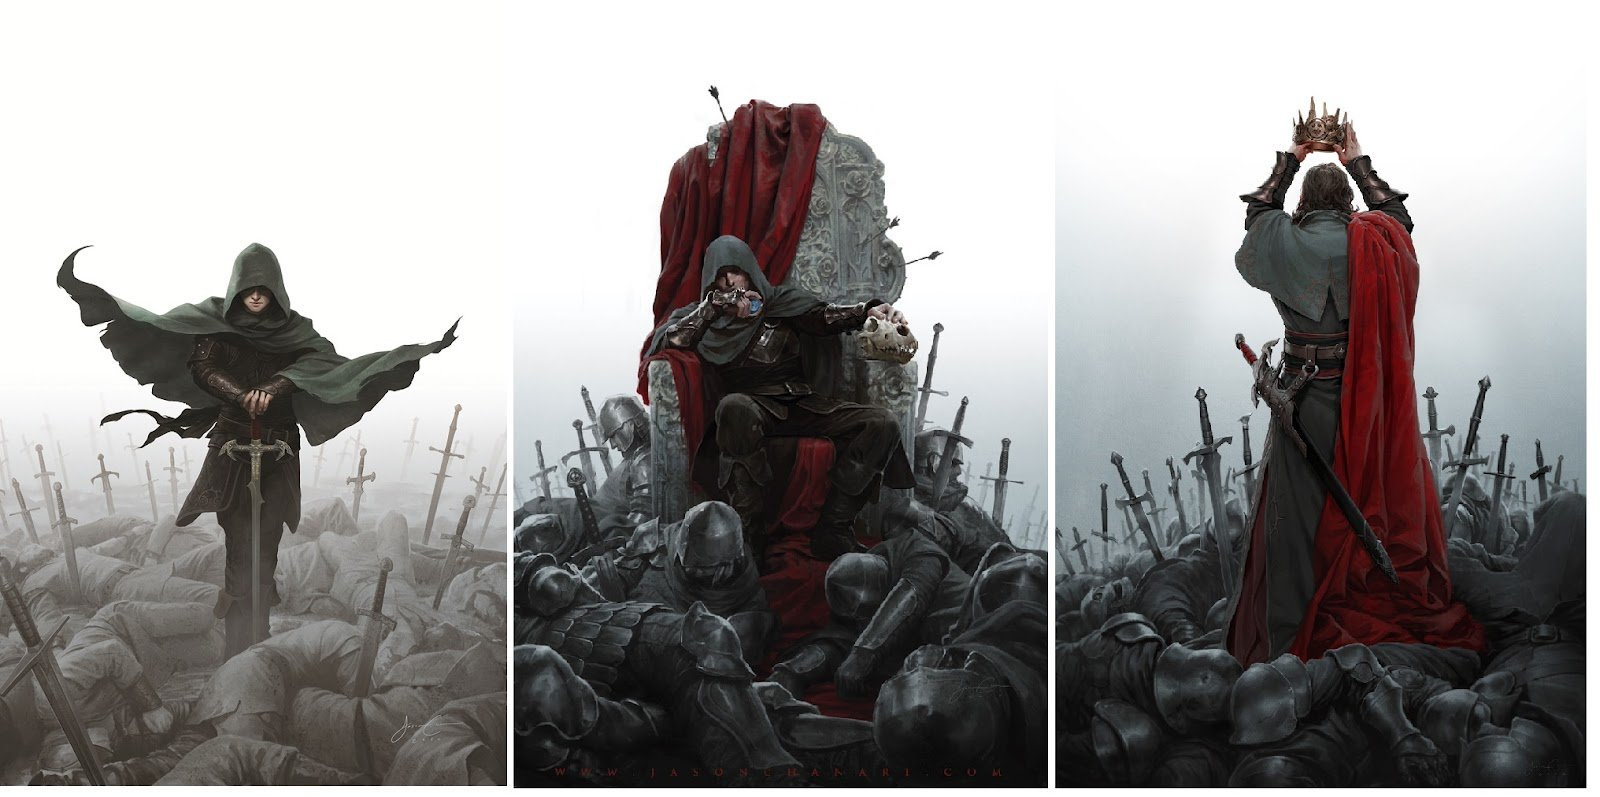 Принц терний против Моря осколков - Изображение 7